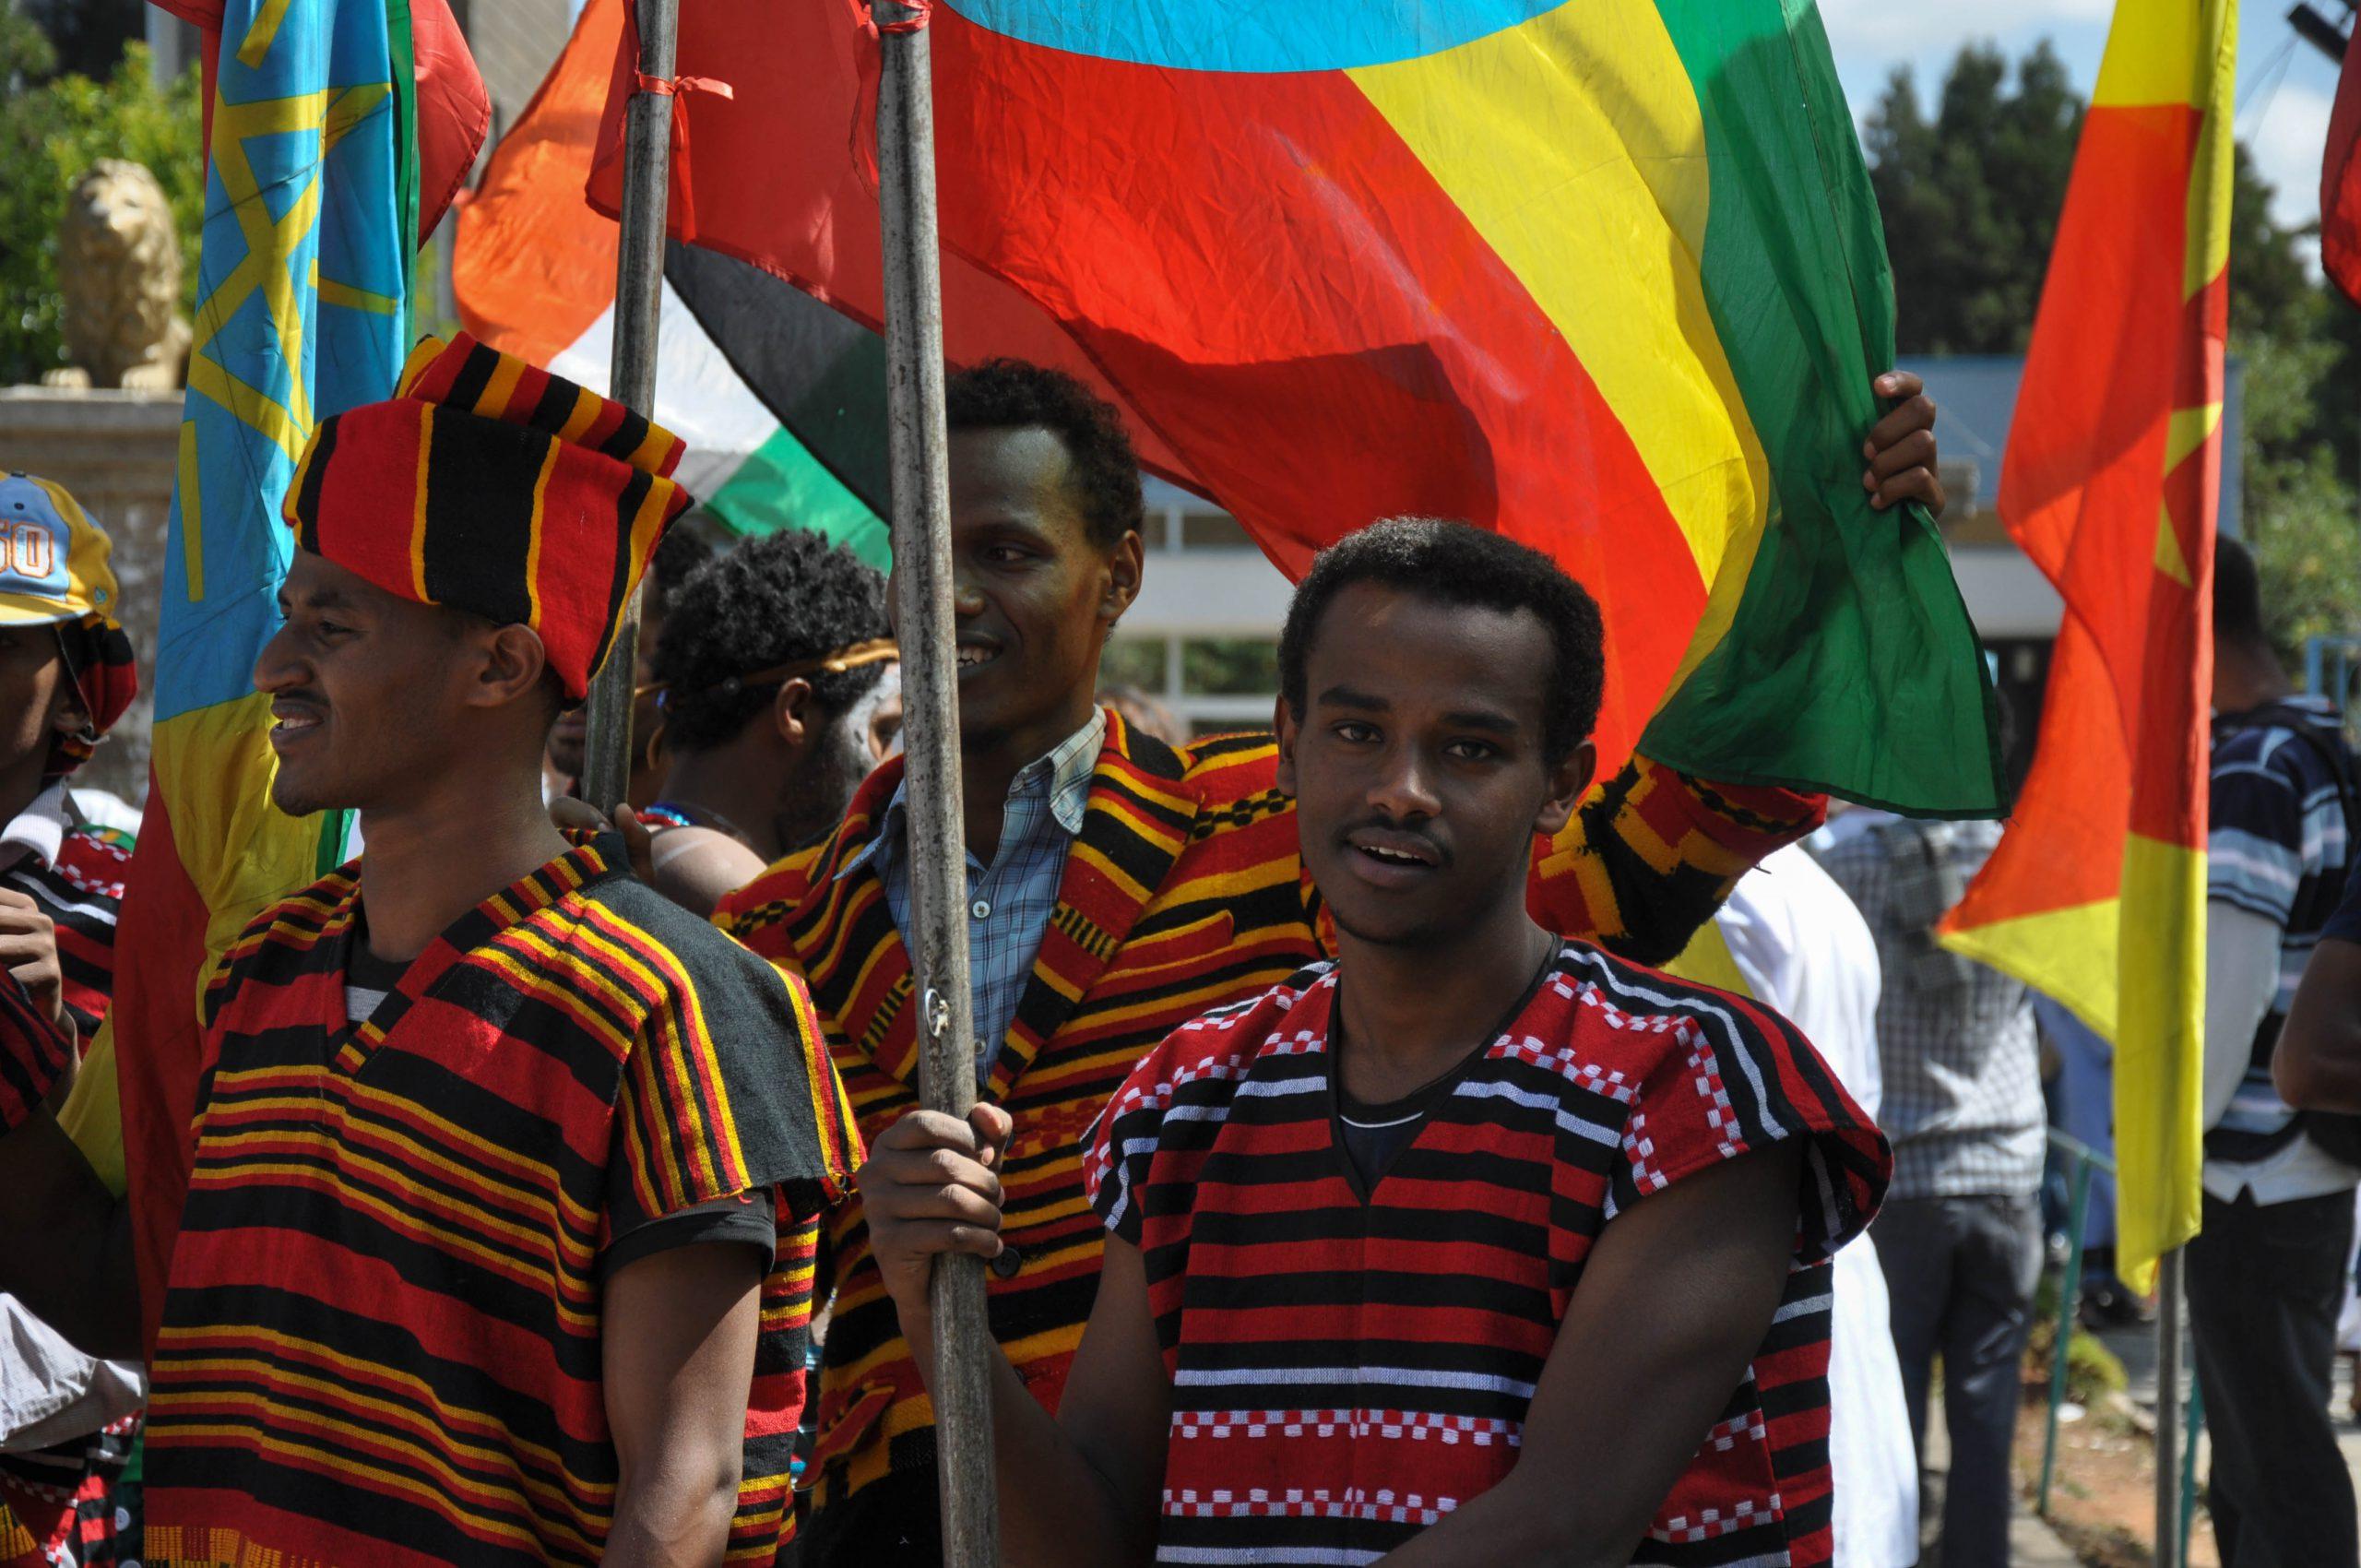 衣索比亞同意錫達馬人自治公投(圖/Natnael Tadele/CC BY-SA 4.0)